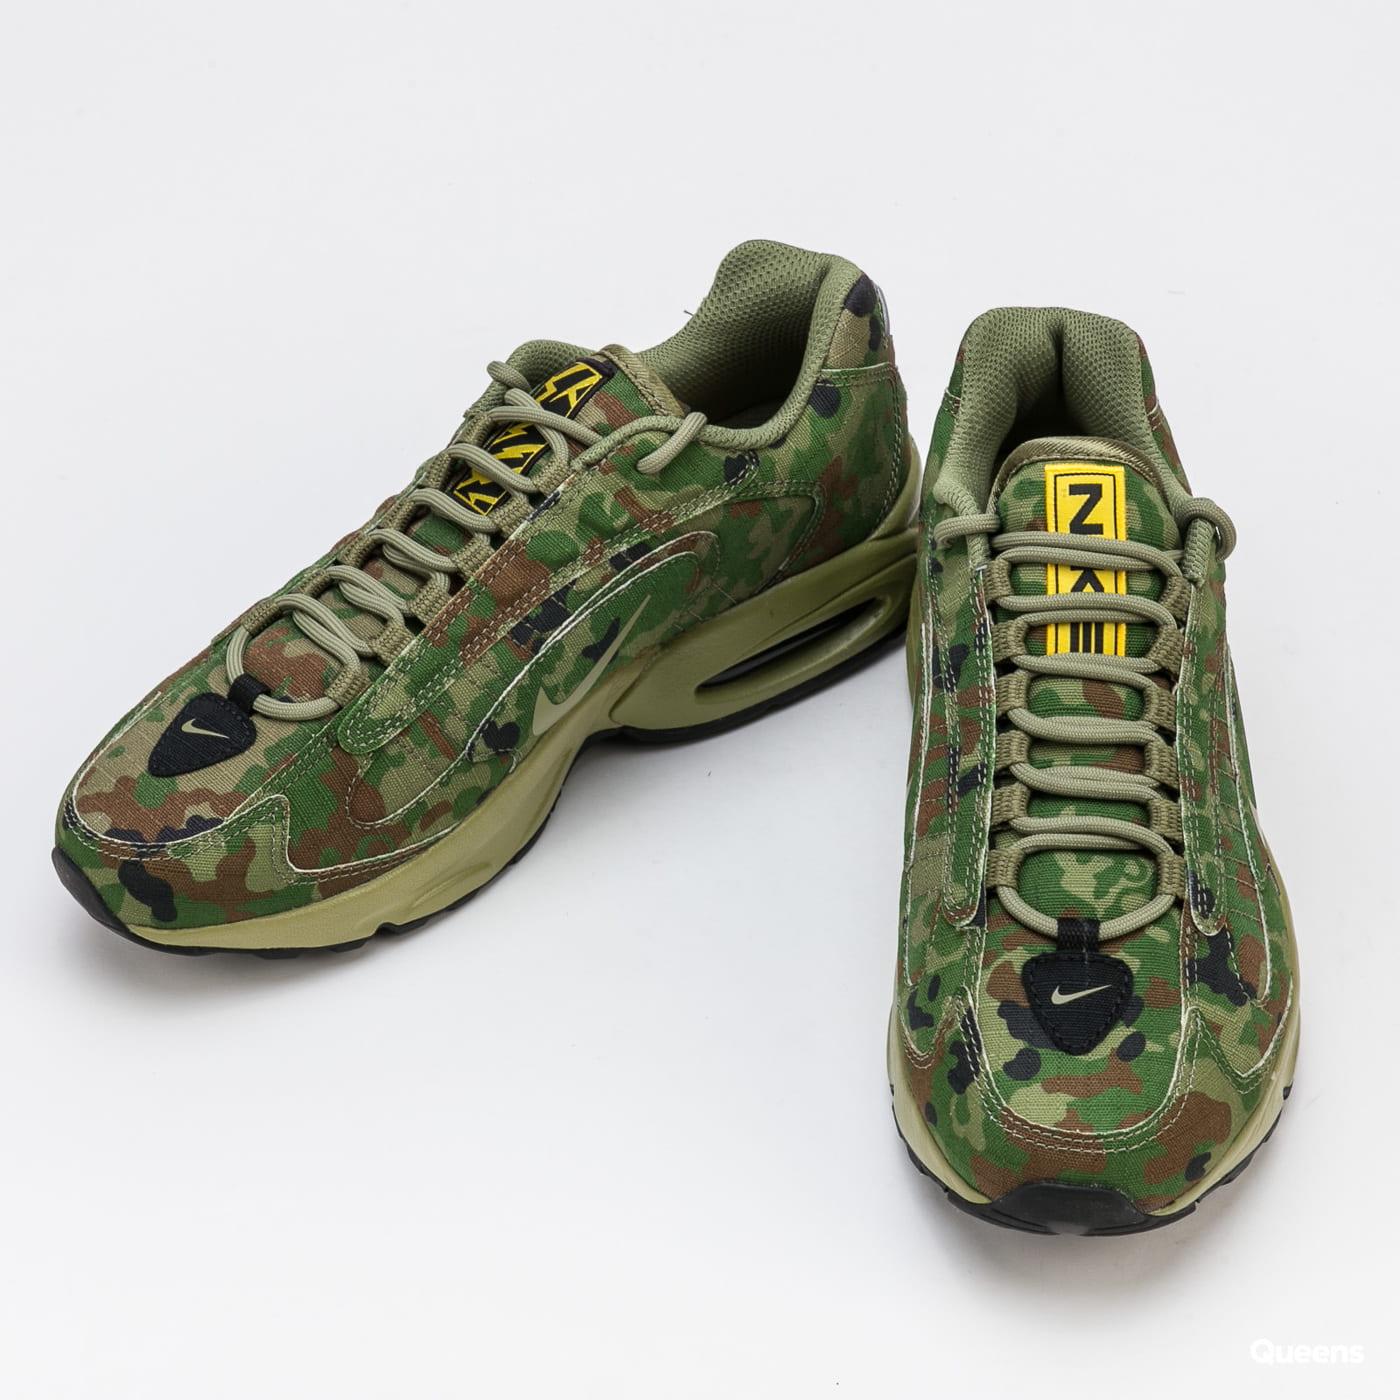 Nike Air Max Triax 96 SP safari / thermal green